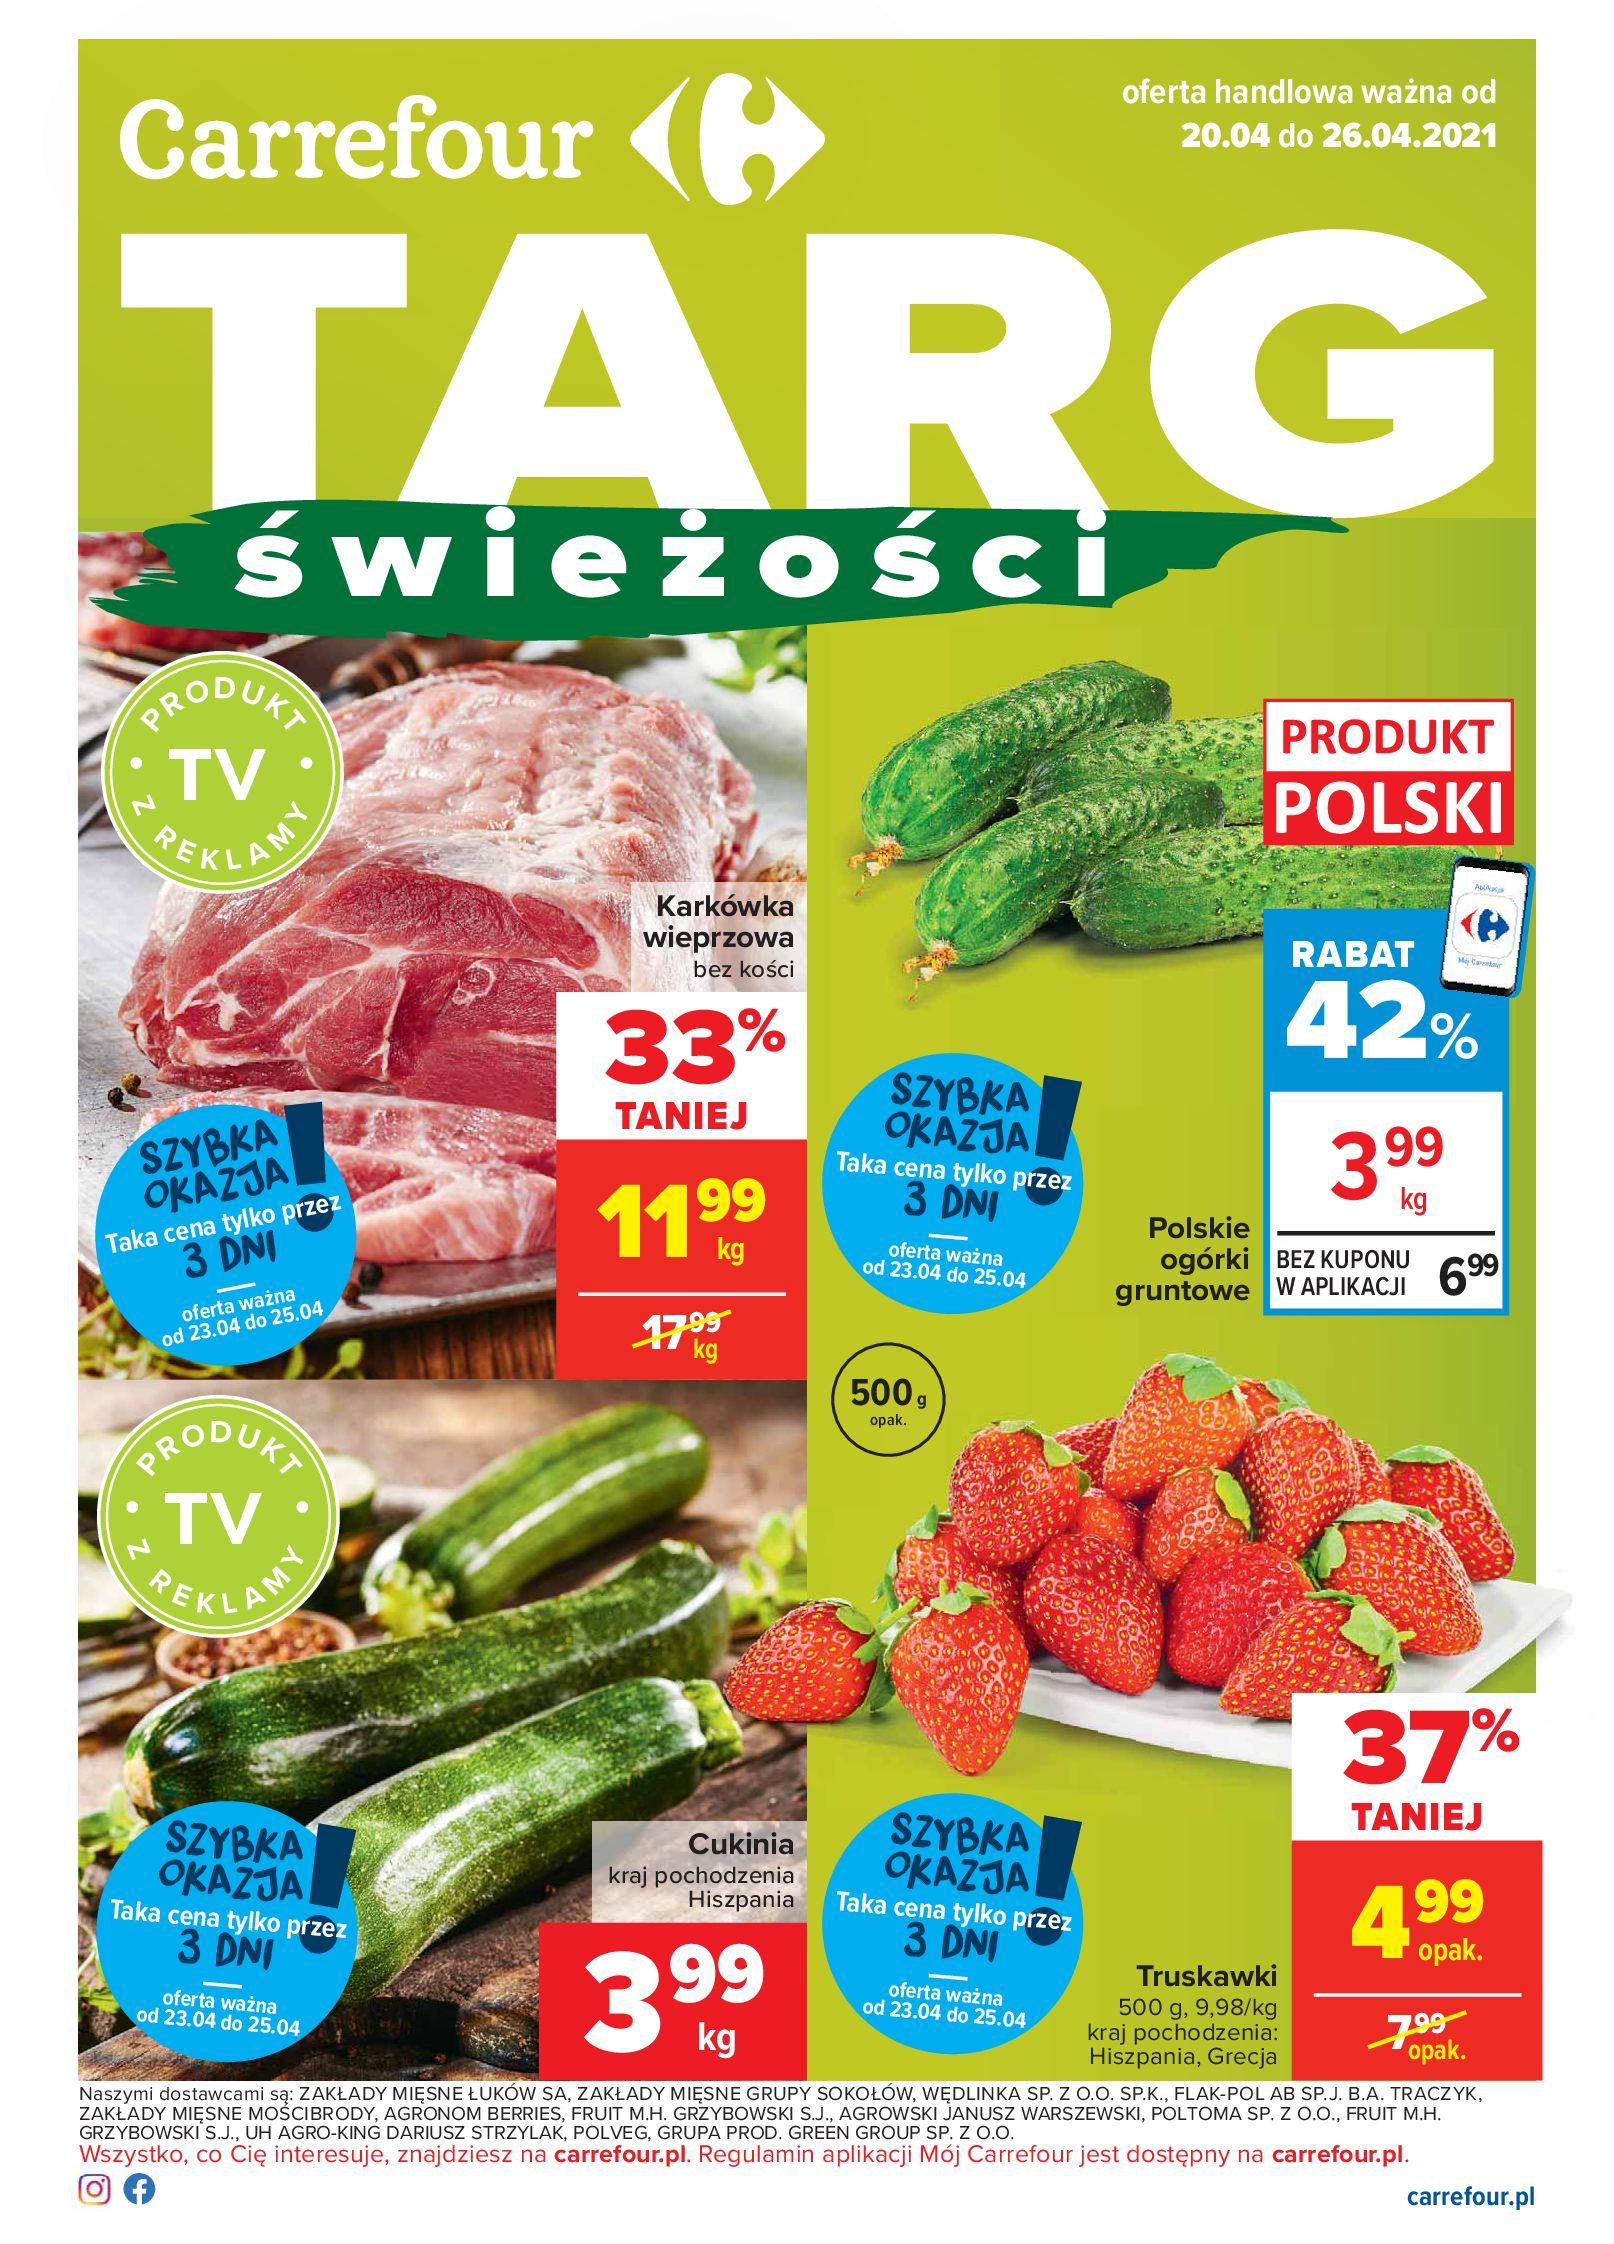 Carrefour:  Carrefour - Targ Świeżości 19.04.2021